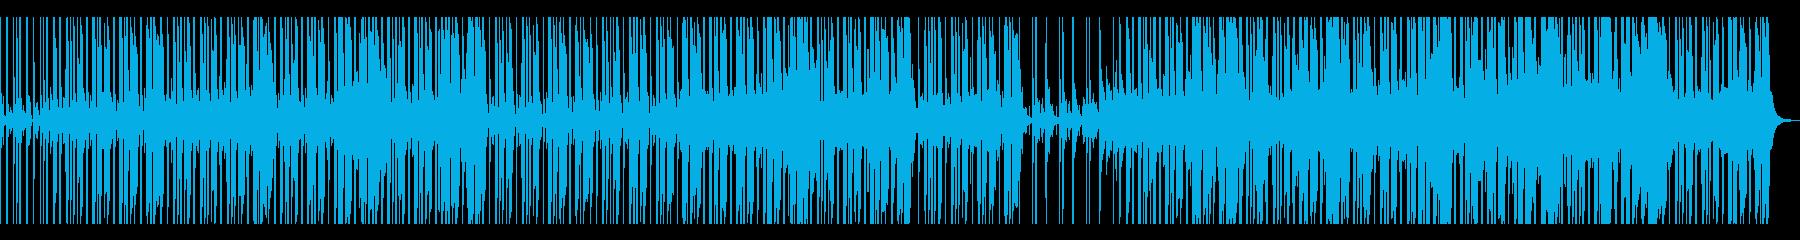 【短いVer6】スローファンクロックの再生済みの波形